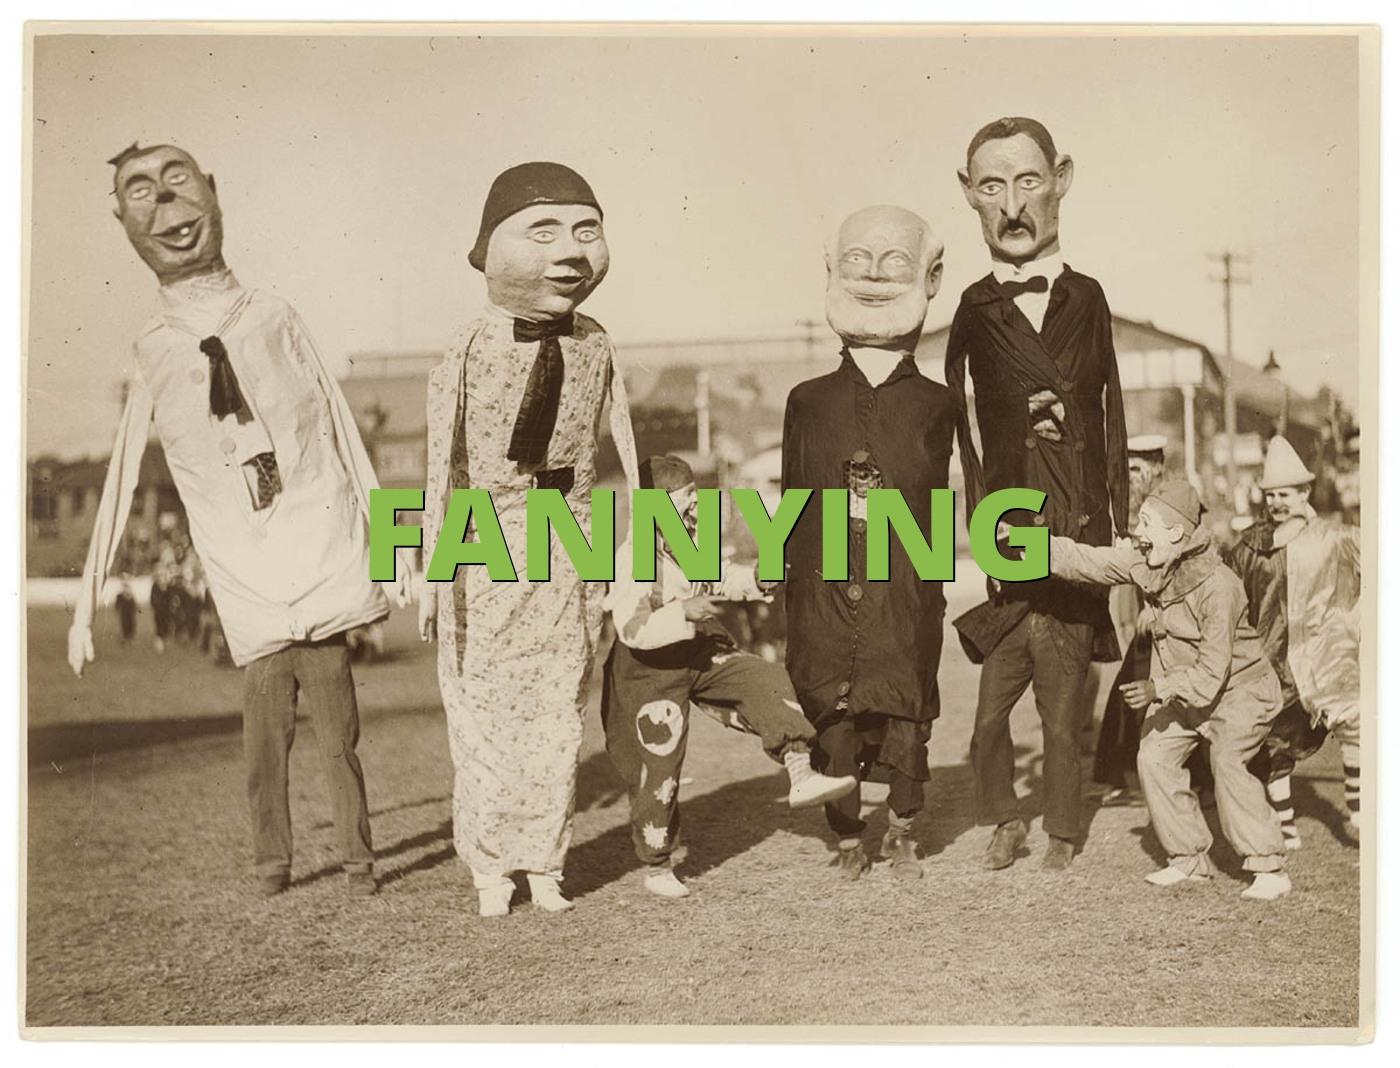 FANNYING